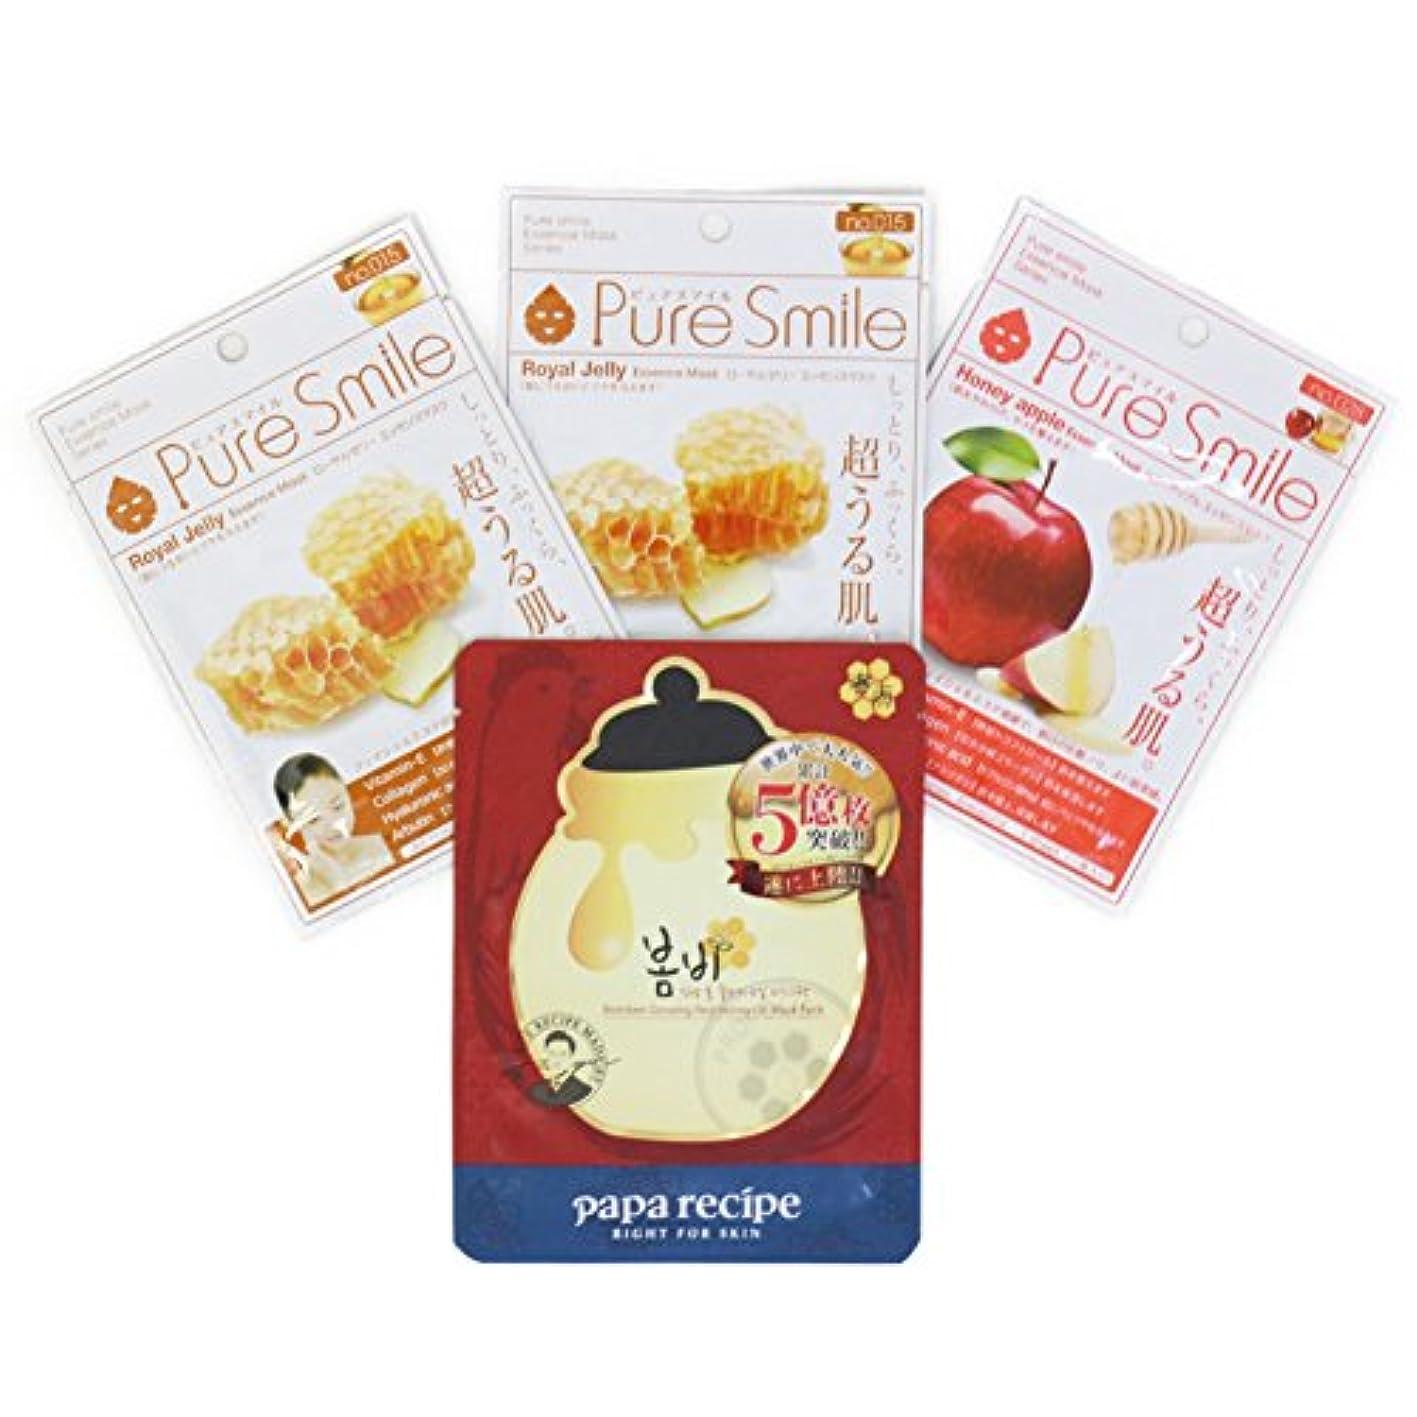 保守的トライアスリート例外Pure Smile ピュアスマイル エッセンスマスク3枚 + パパレシピ1枚セットE